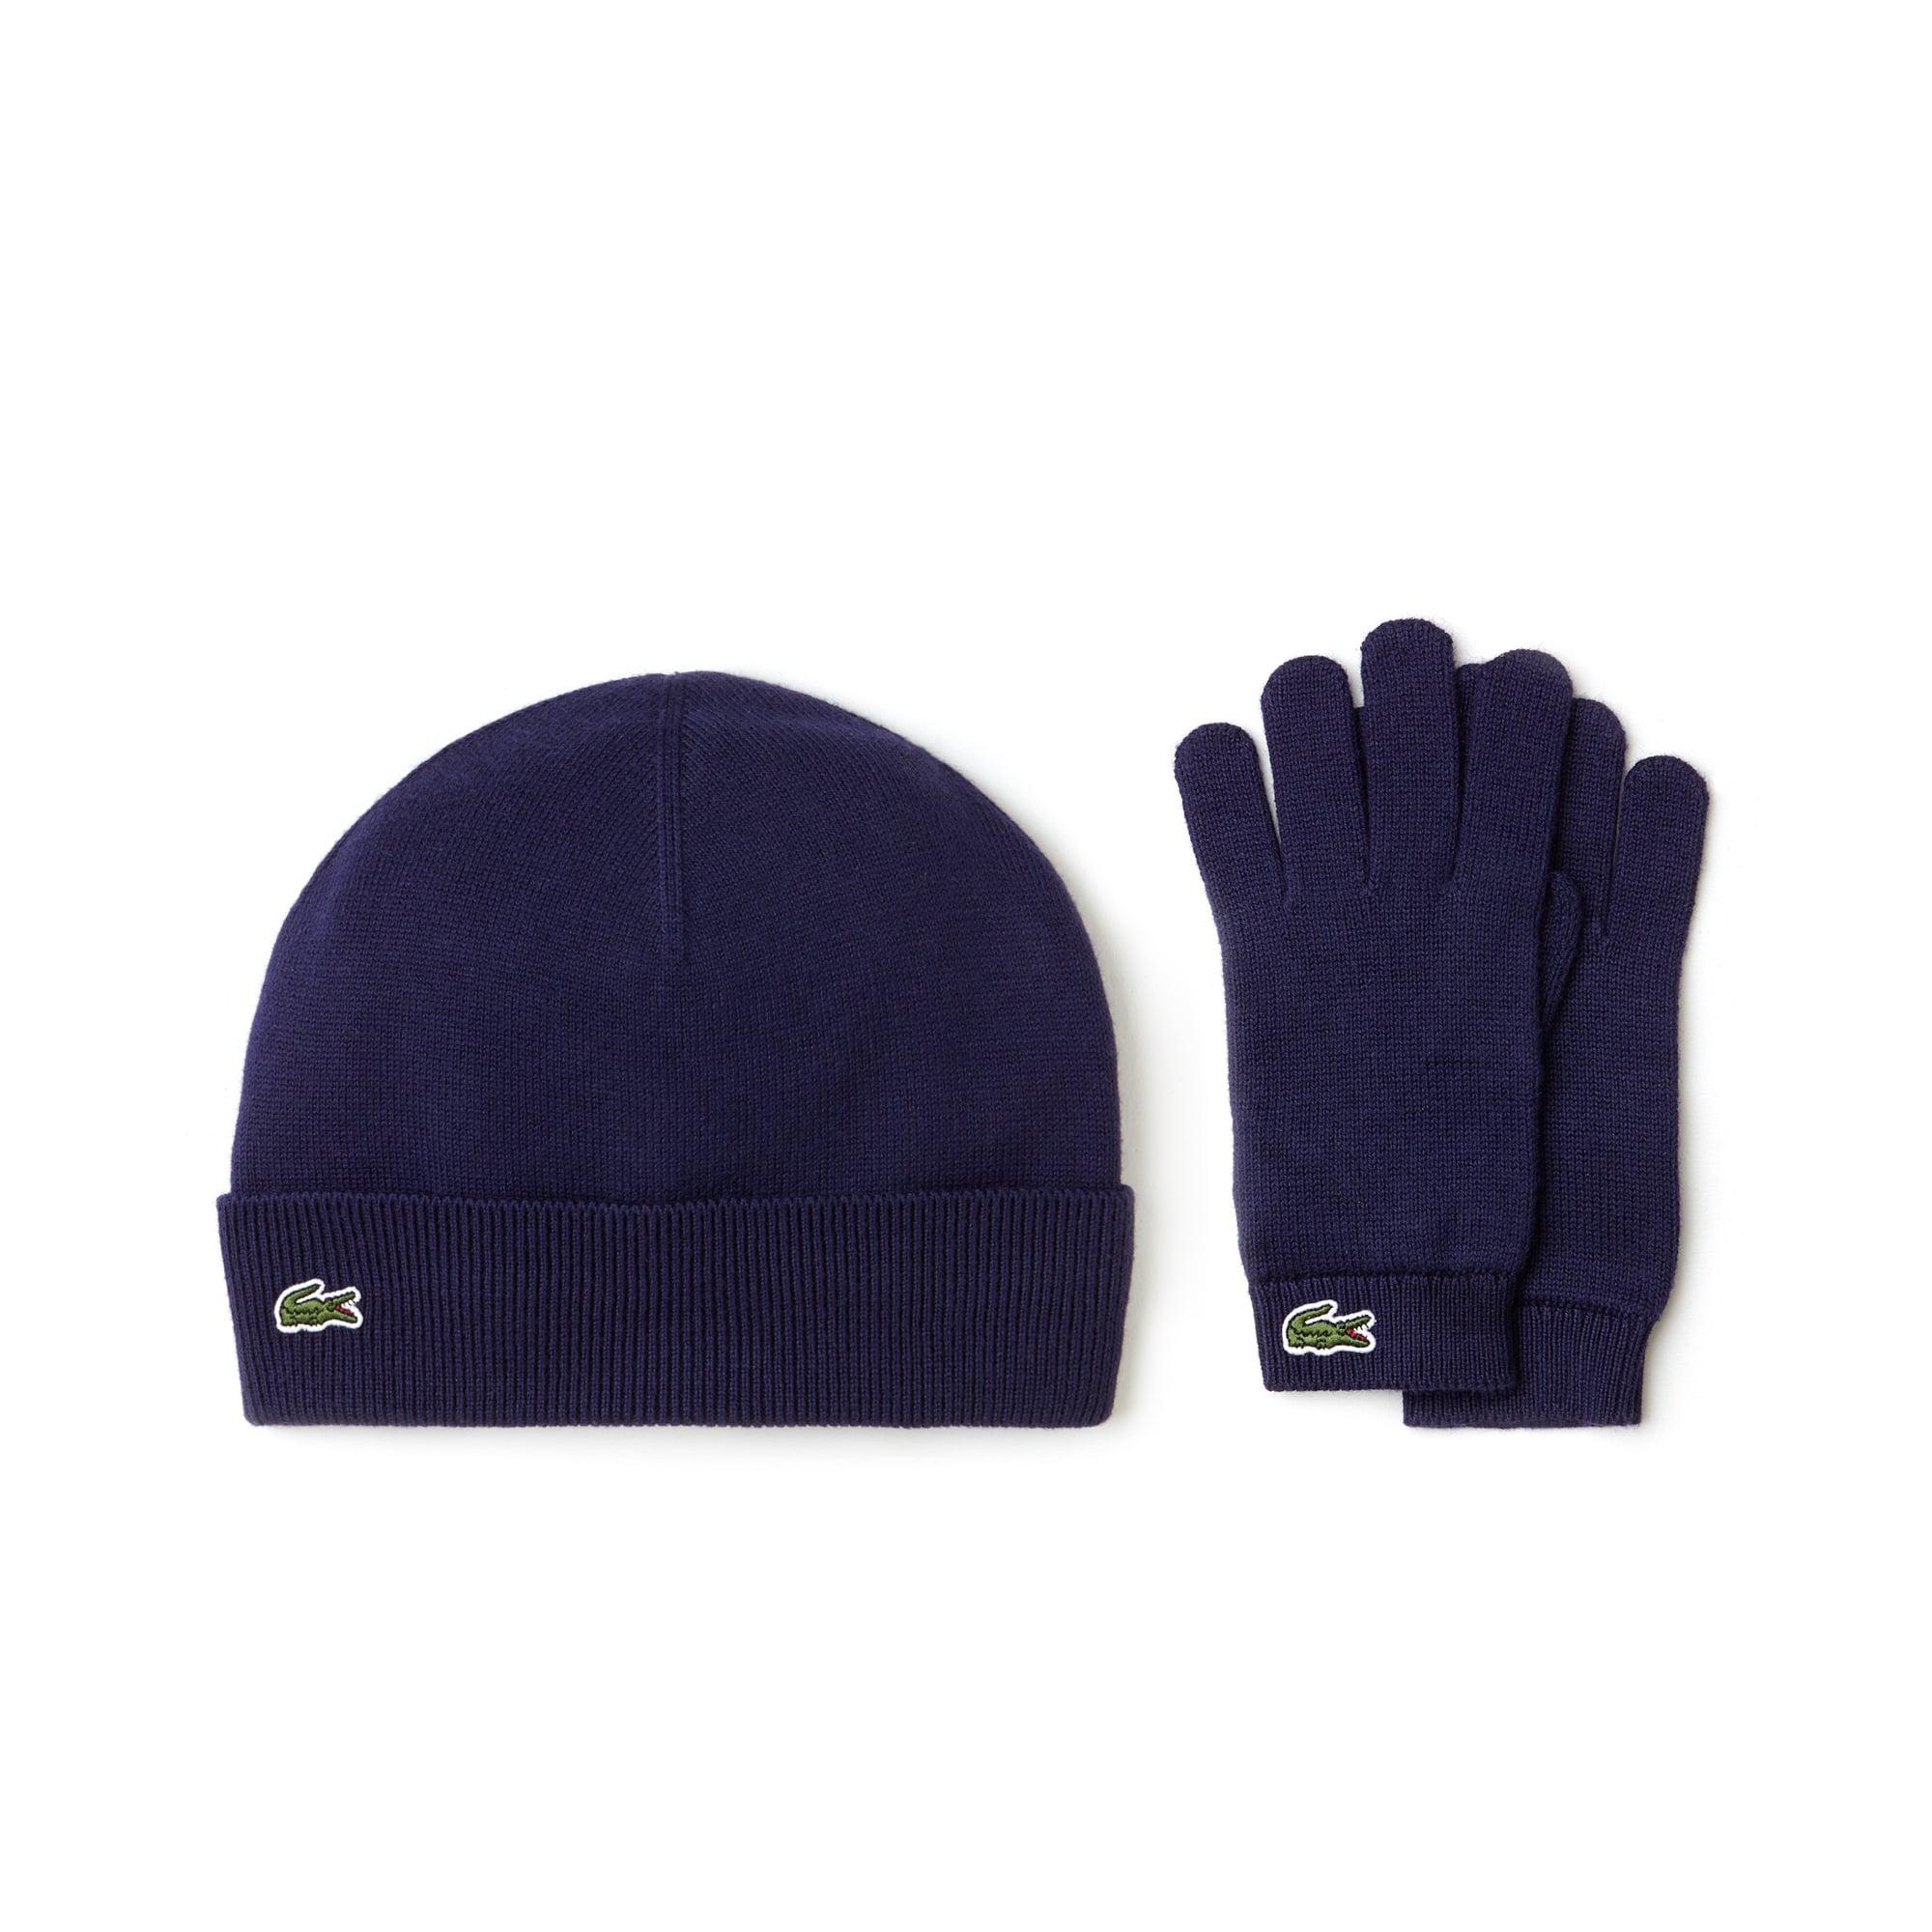 Bonnet et gants Garçon en jersey de coton et cachemire